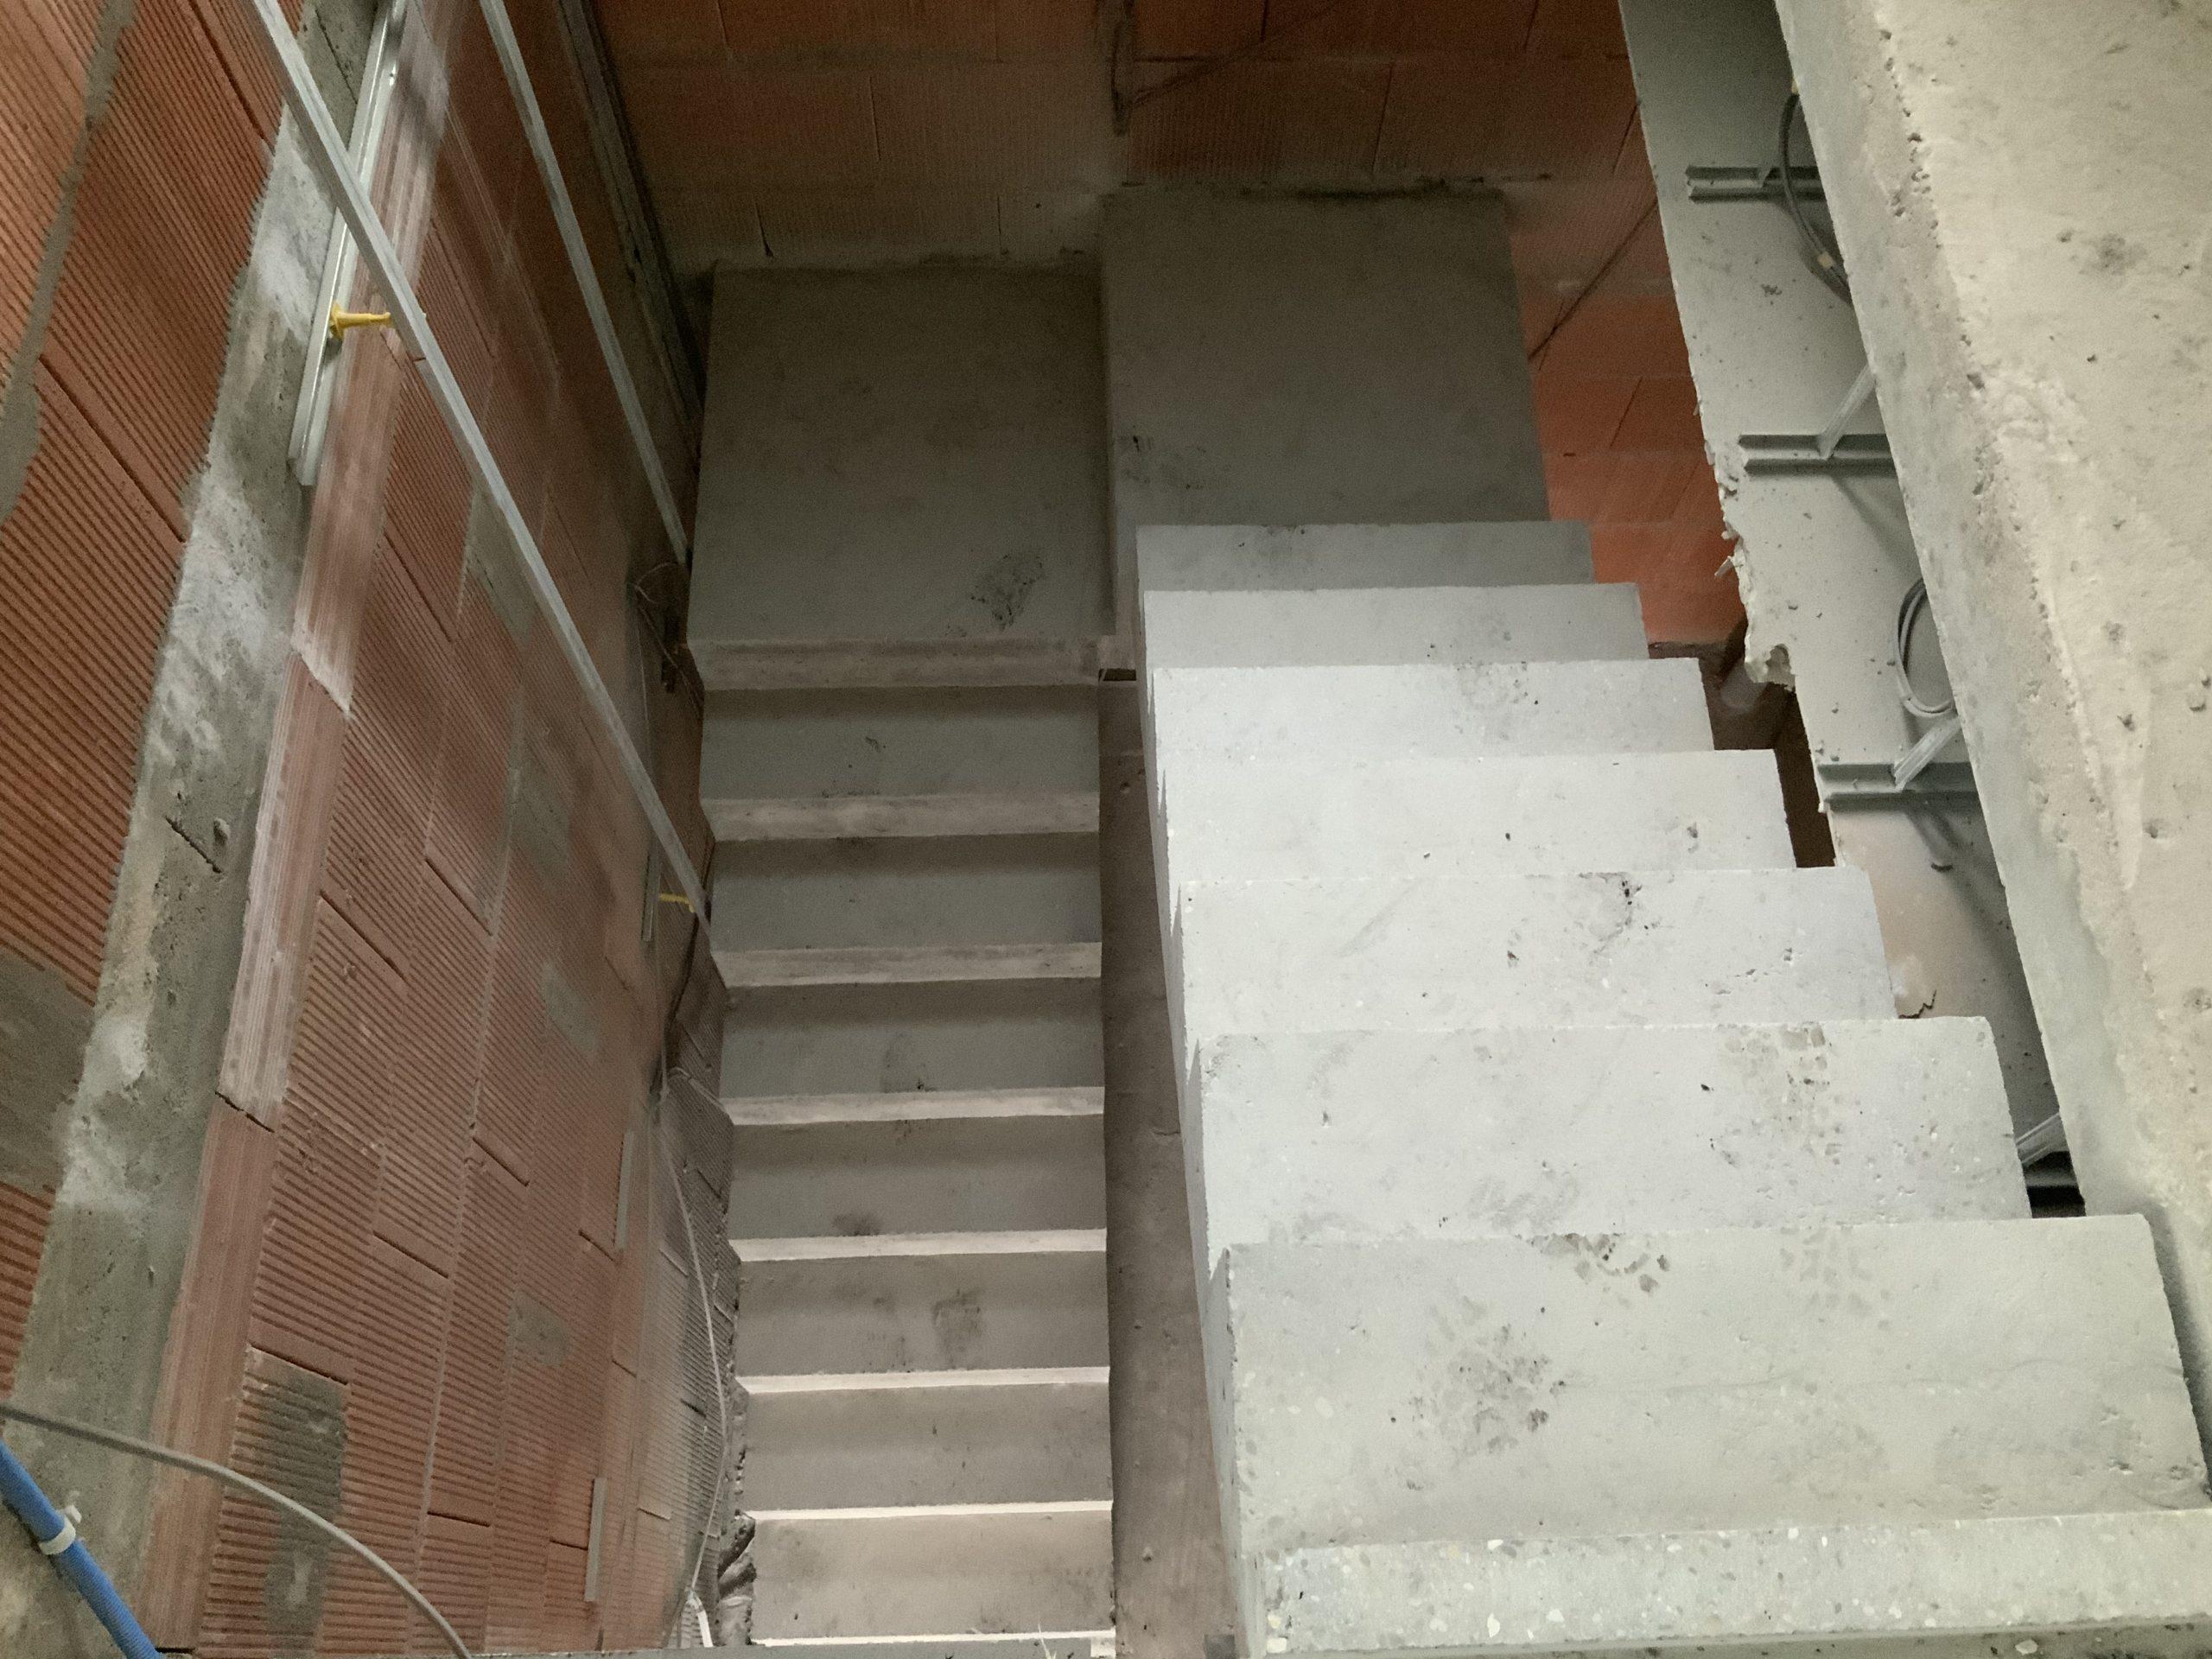 Coffrage ferraillage et coulage d'un escalier en béton sur site dans un maison